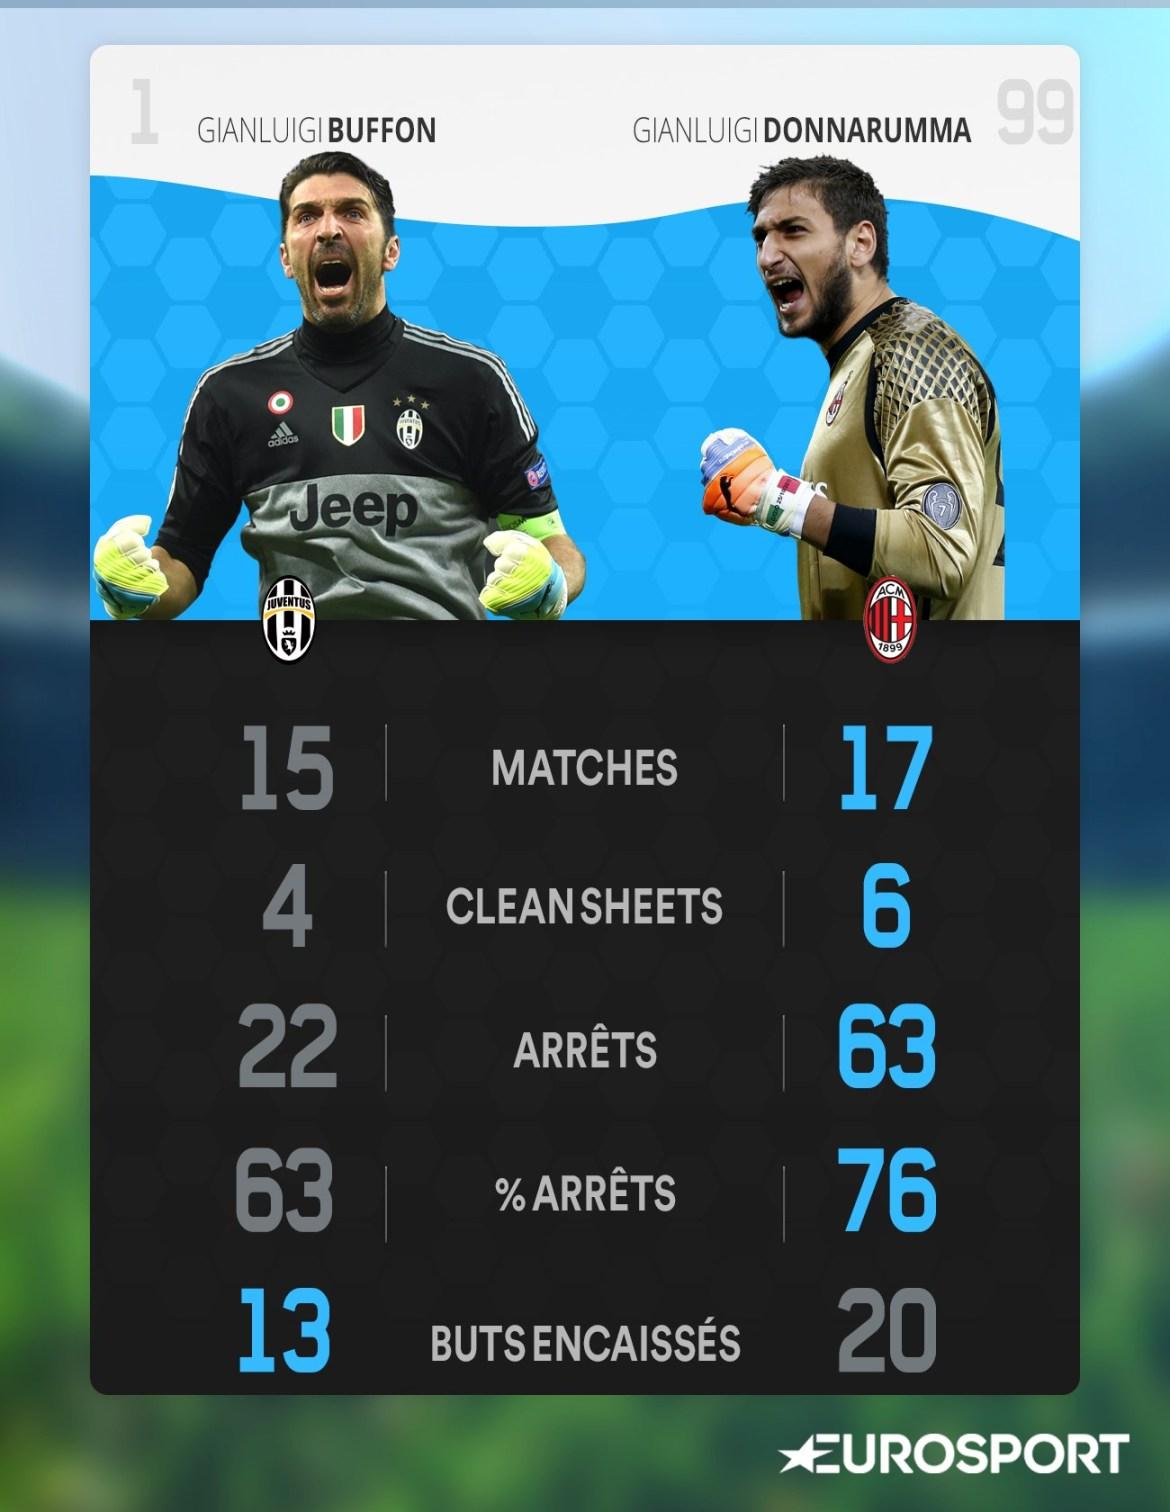 Comparaison Buffon-Donnarumma